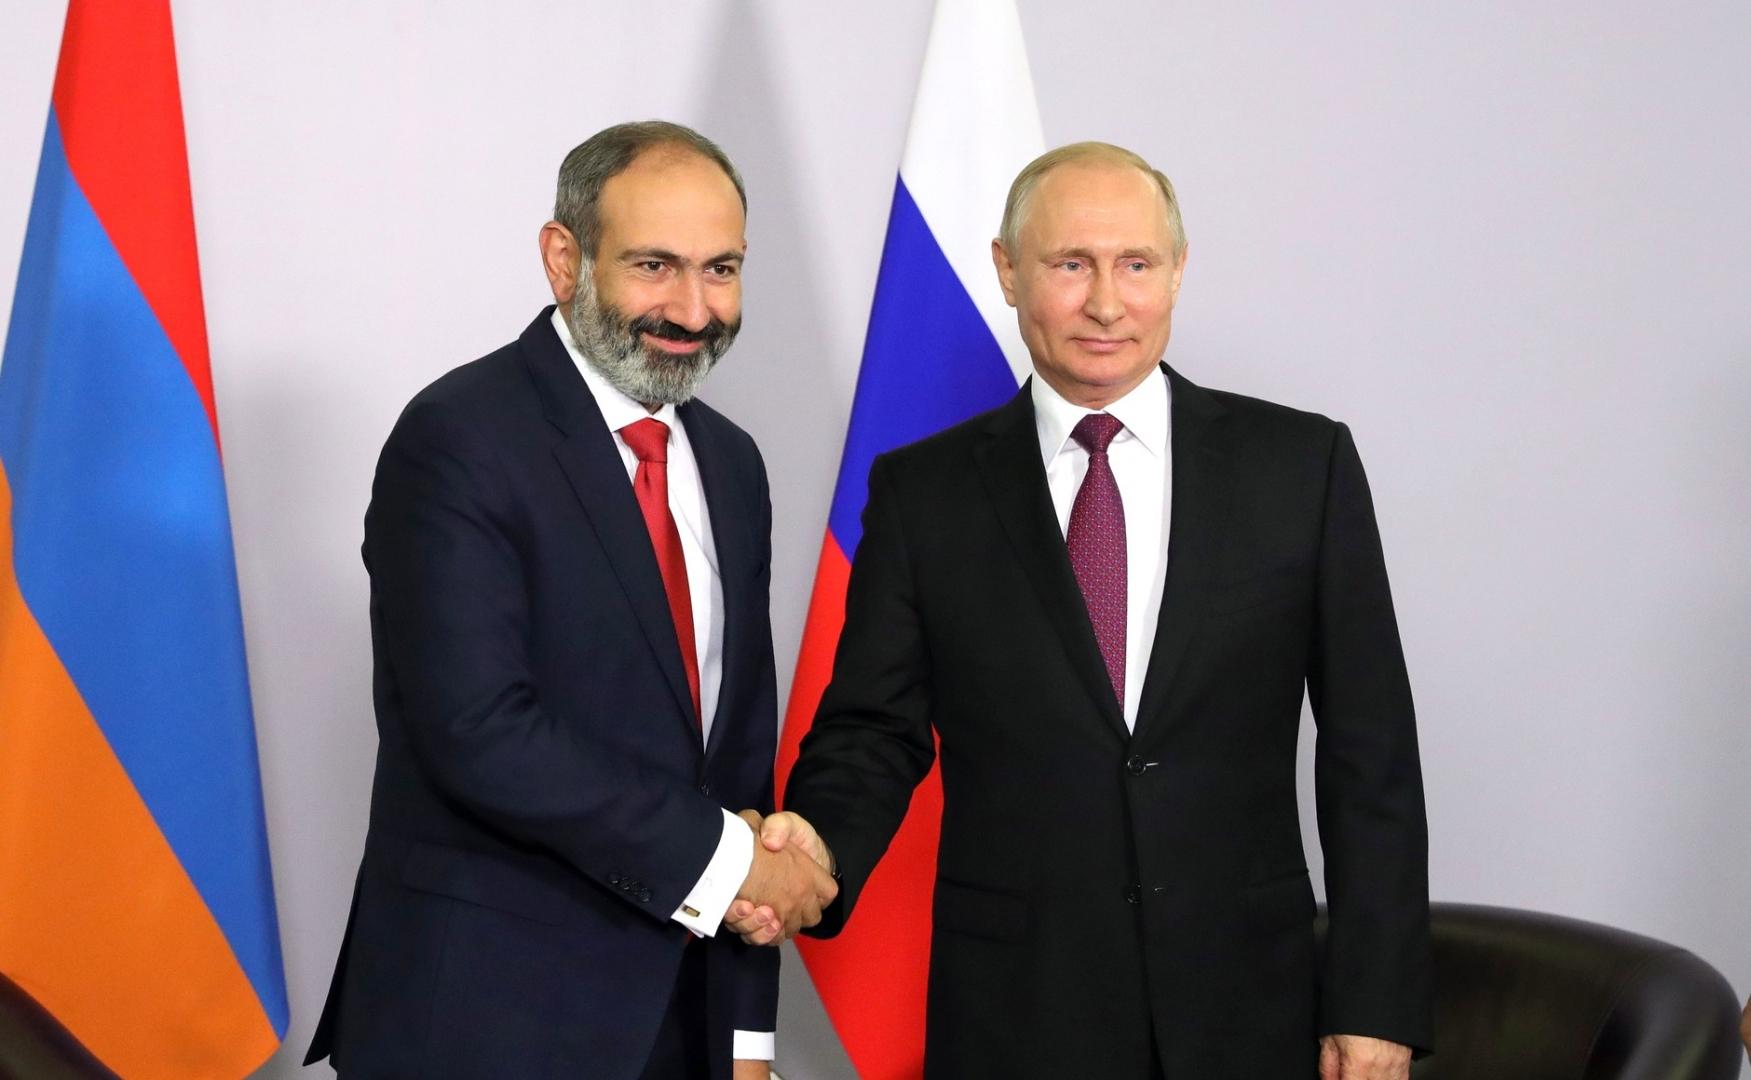 Le relazioni russo-armene